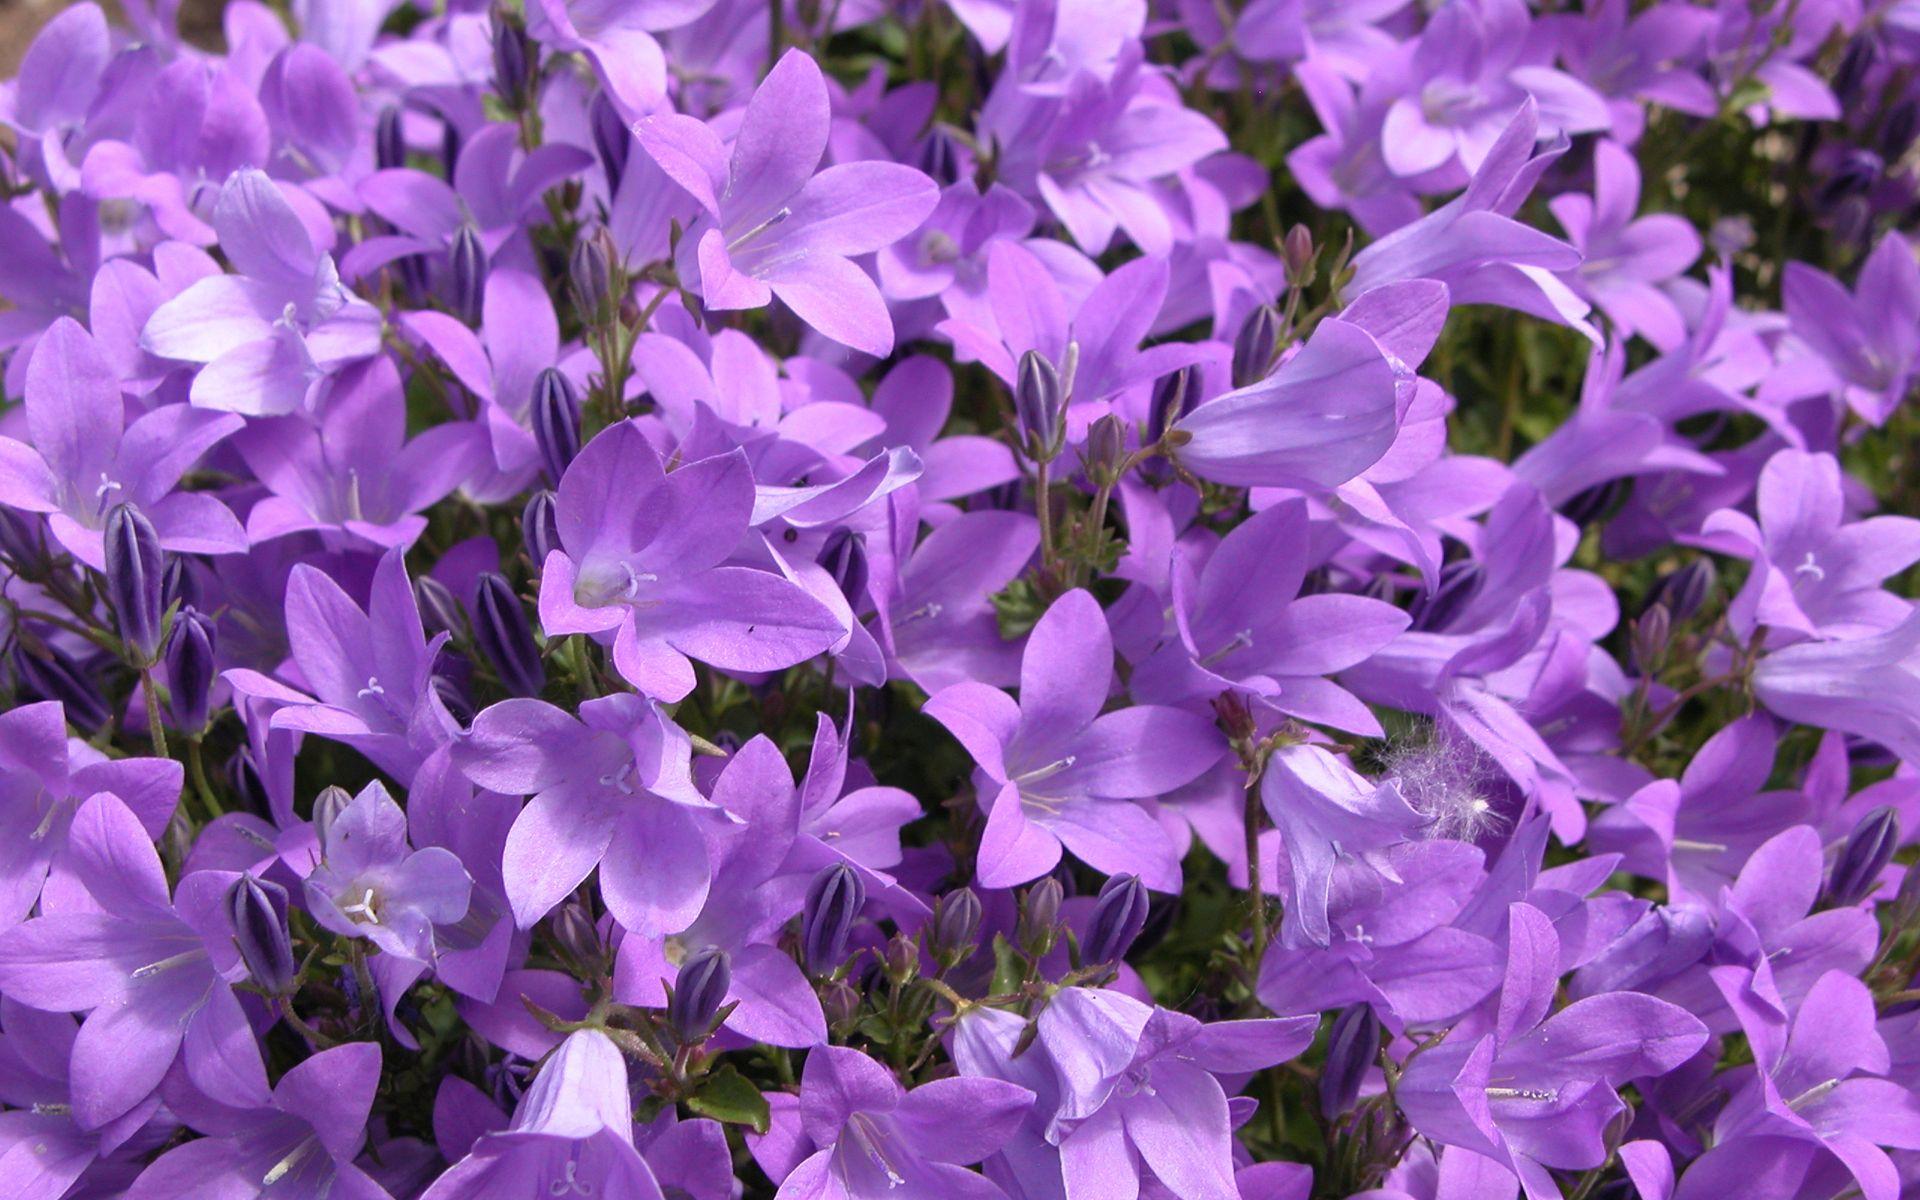 fioletovye-cvety19.jpg